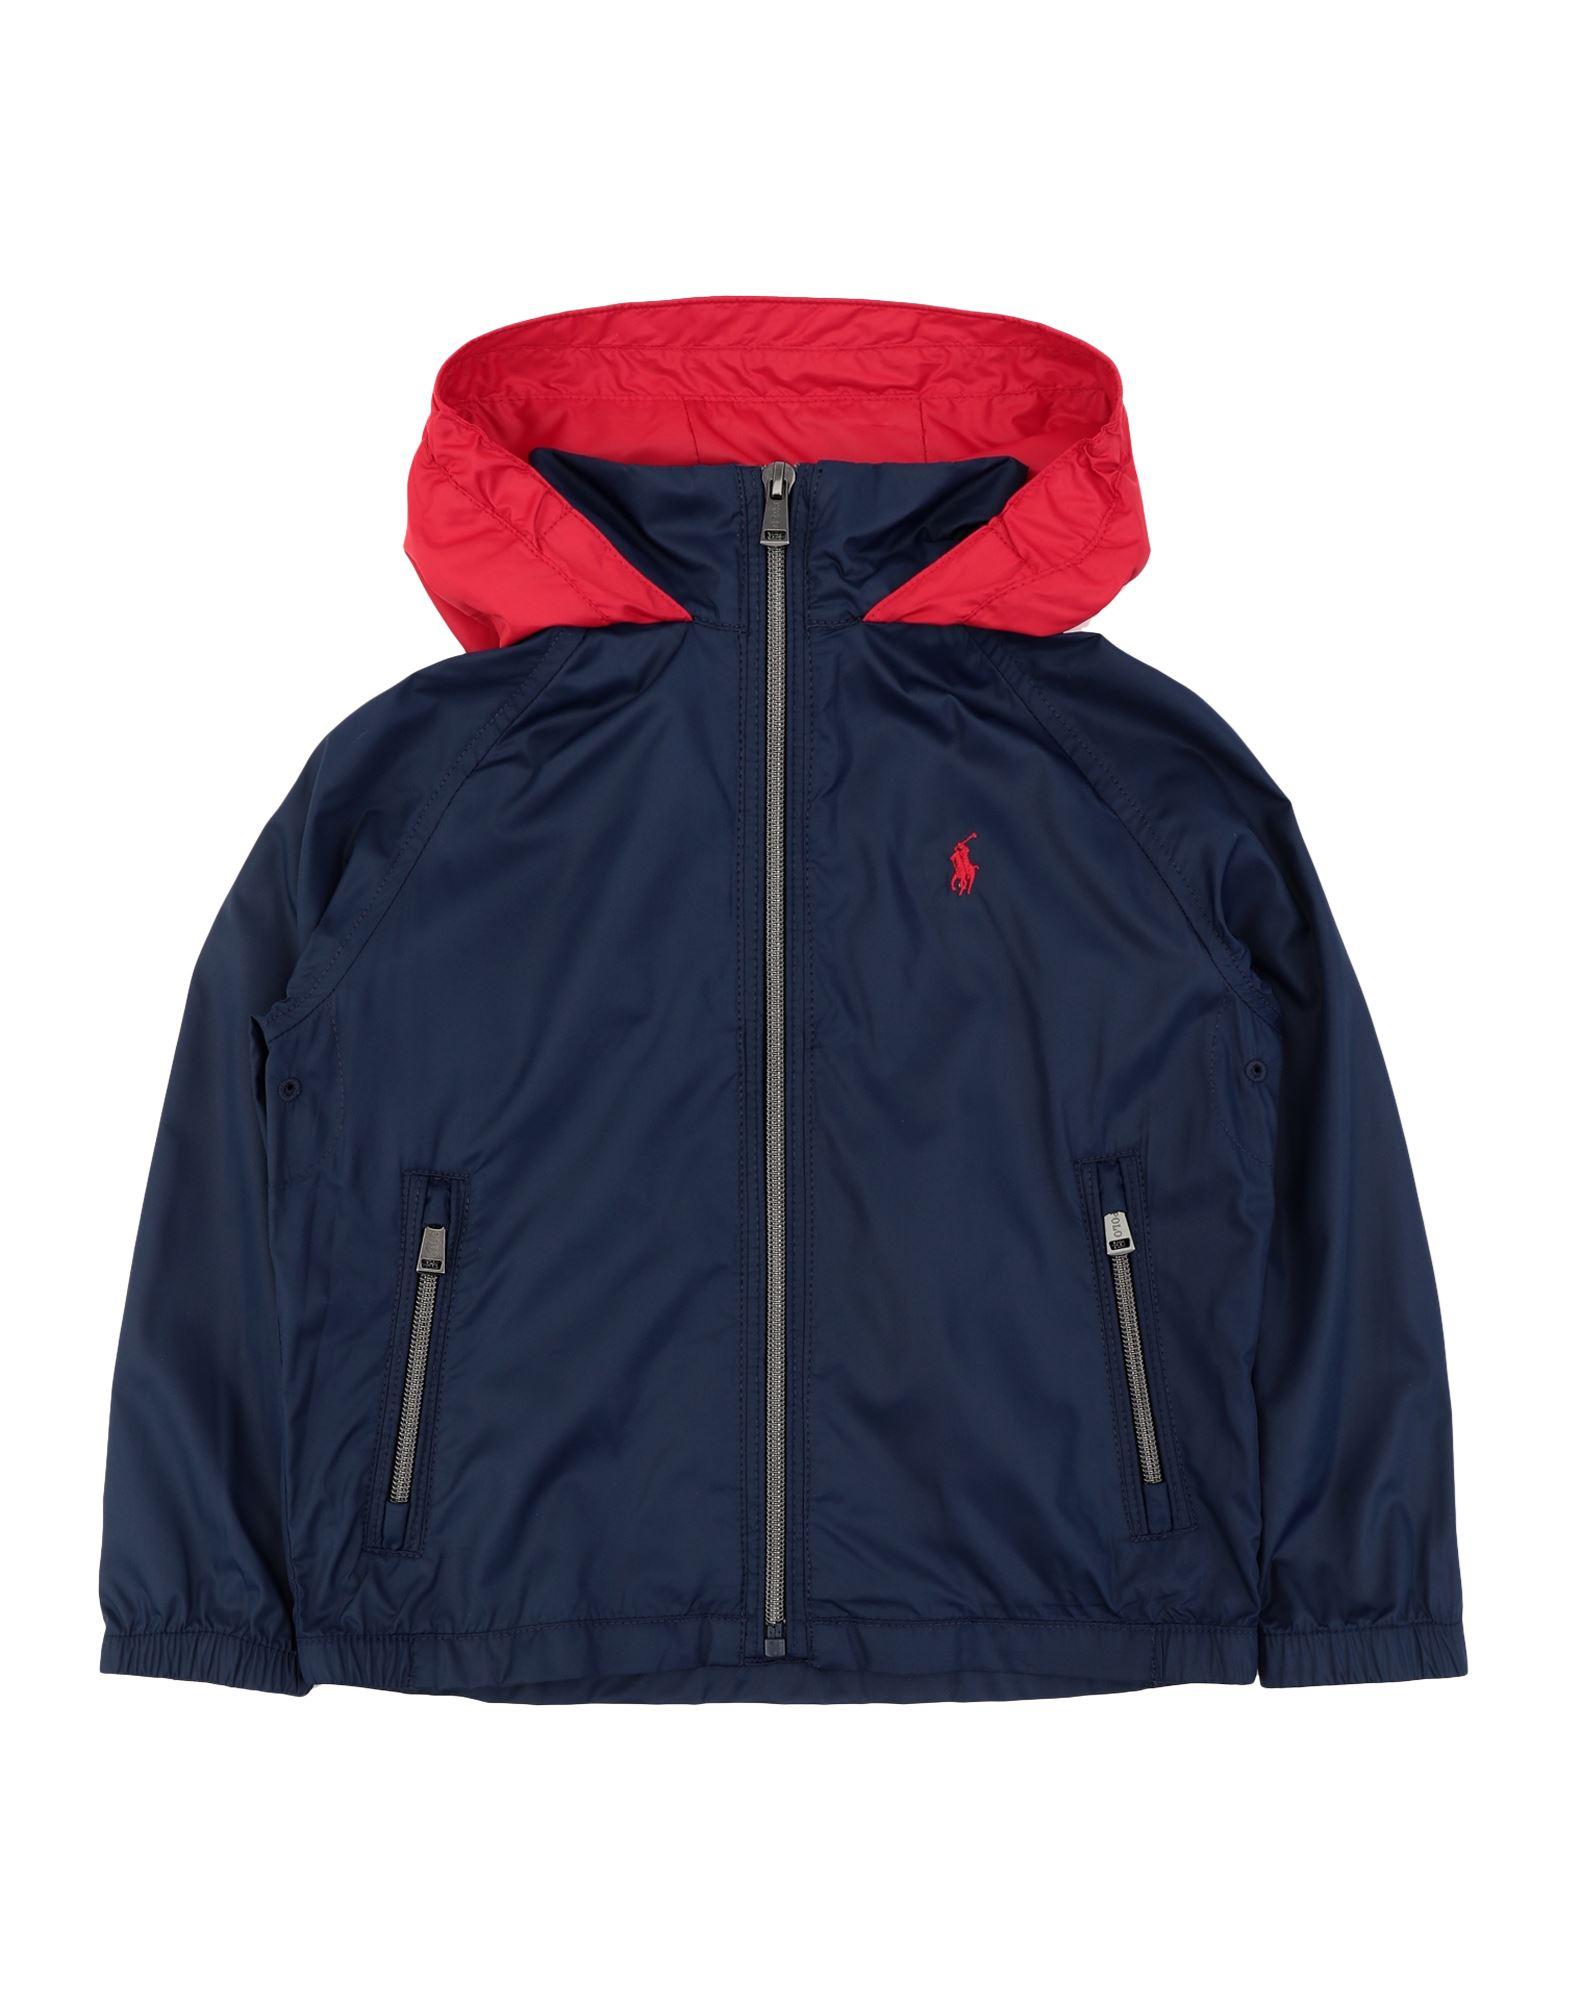 《セール開催中》RALPH LAUREN ボーイズ 3-8 歳 ブルゾン ダークブルー 3 ポリエステル 100% Water-Resistant Packable Hooded Jacket